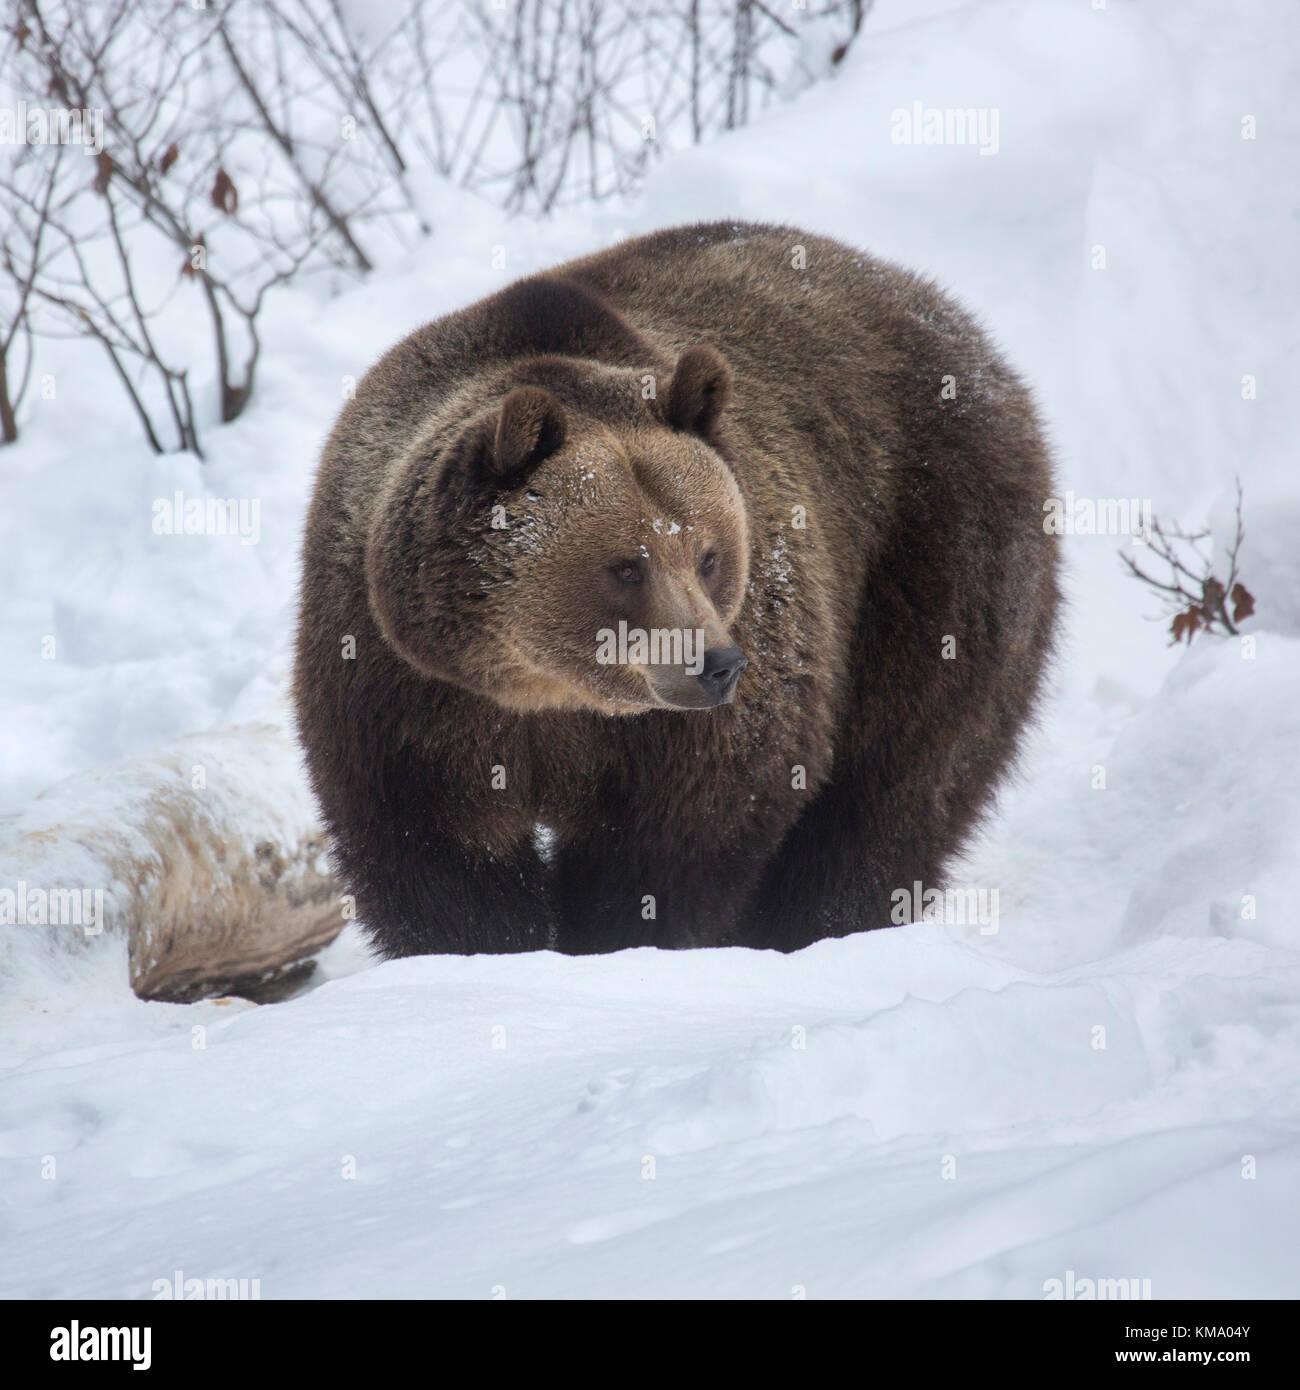 Europäische Braunbär (Ursus arctos arctos) Nahrungssuche in tiefem Schnee im Winter Stockbild